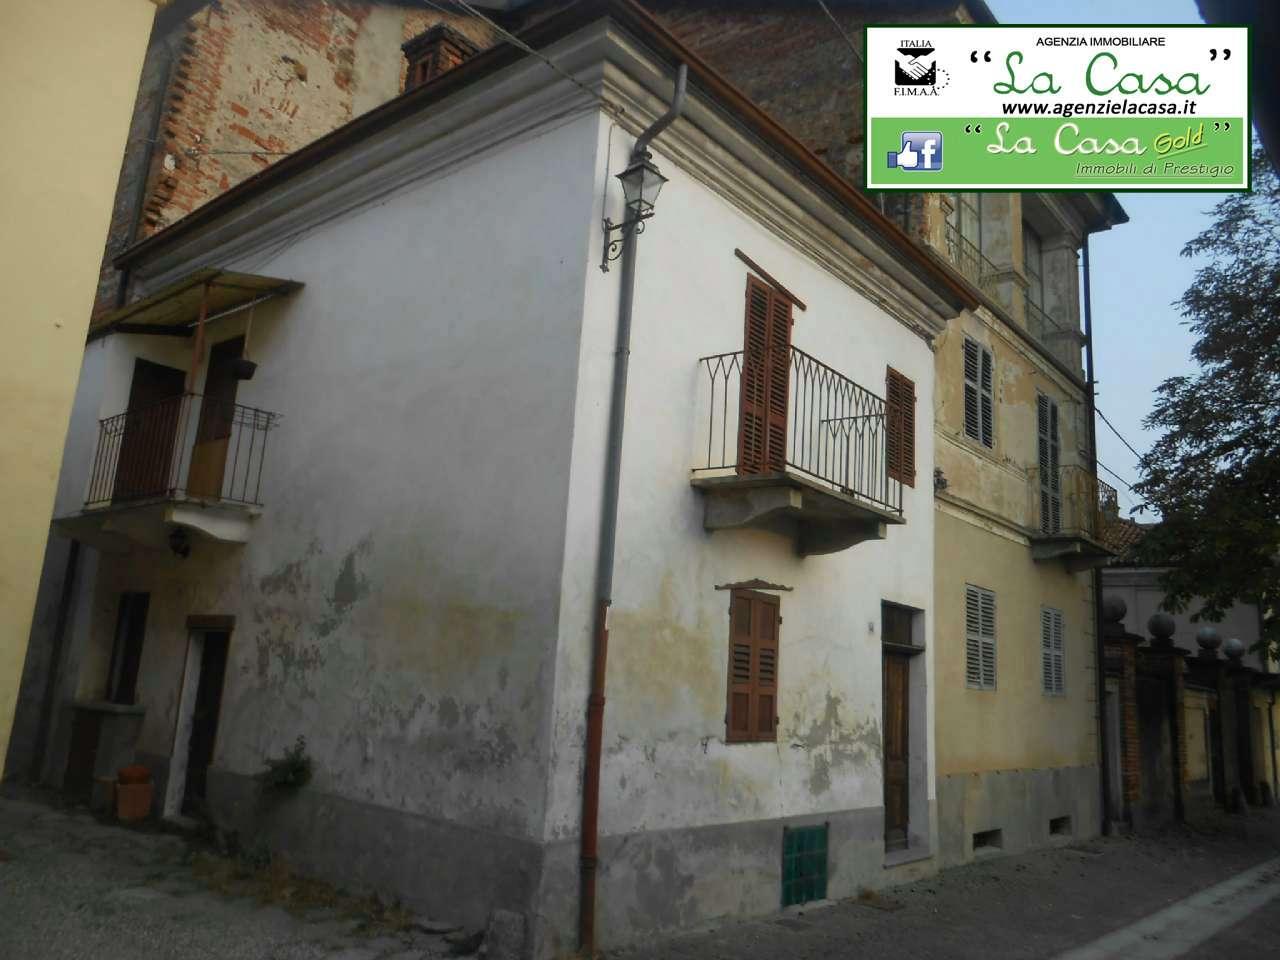 Palazzo / Stabile in Vendita a Passerano Marmorito